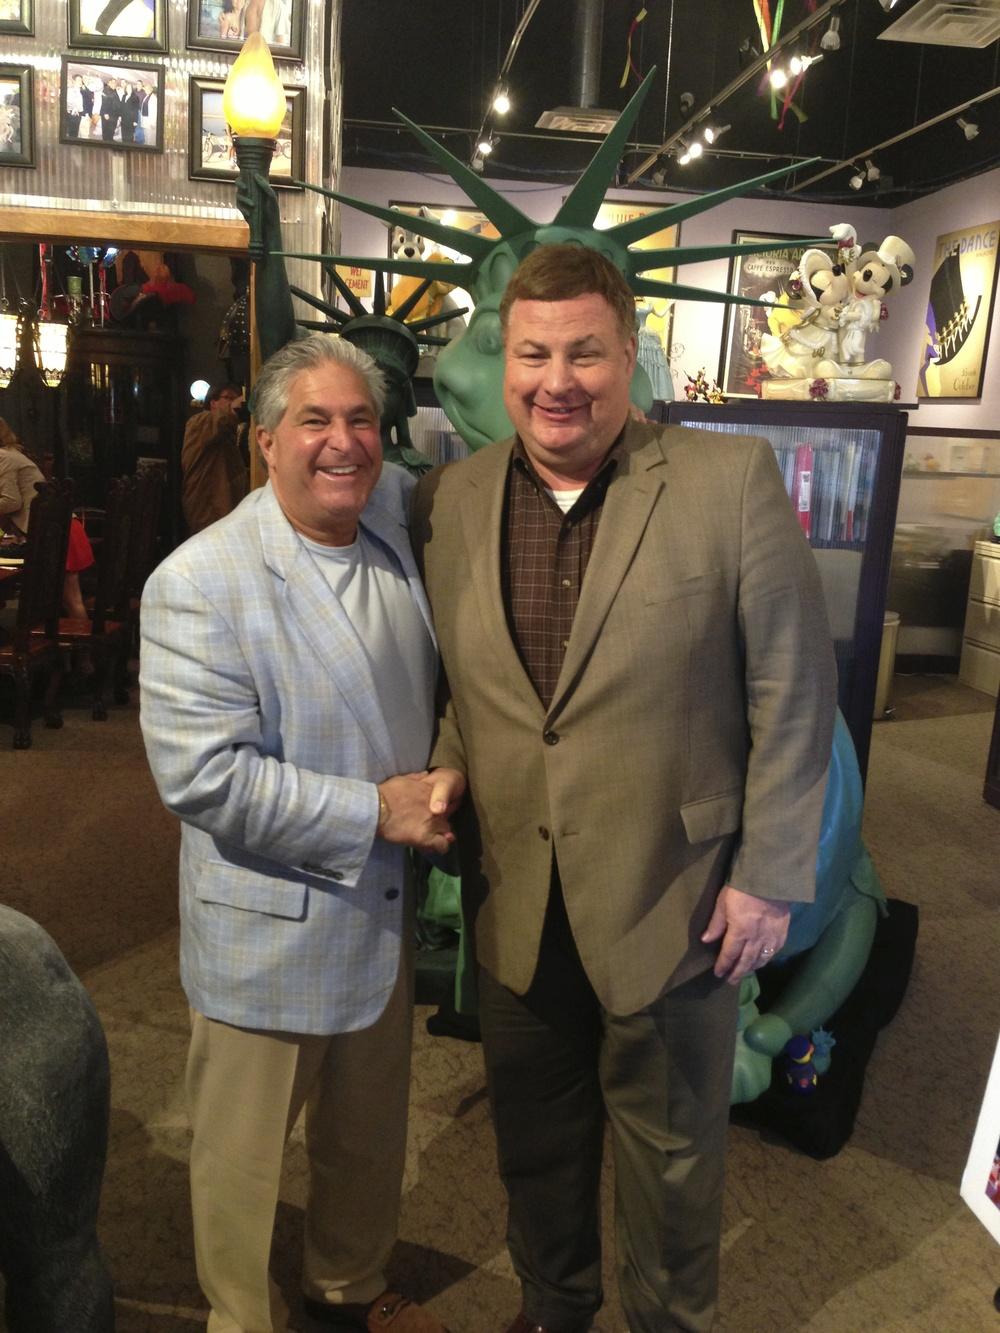 Steve Graham and Steve Schussler